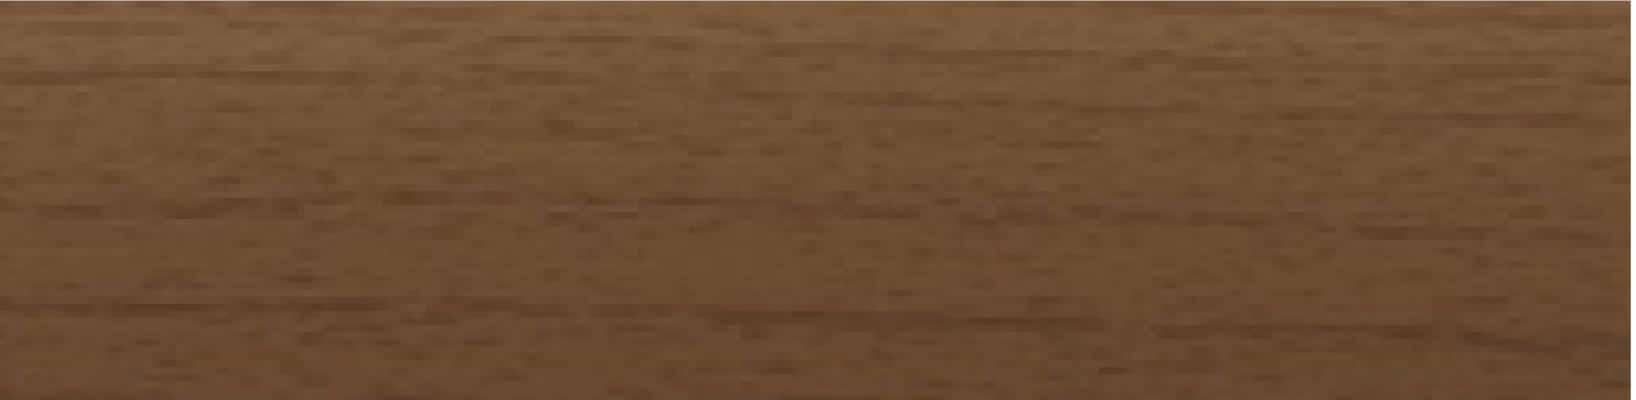 Drewnopodobny nr koloru 50095 (Dopłata 50%)